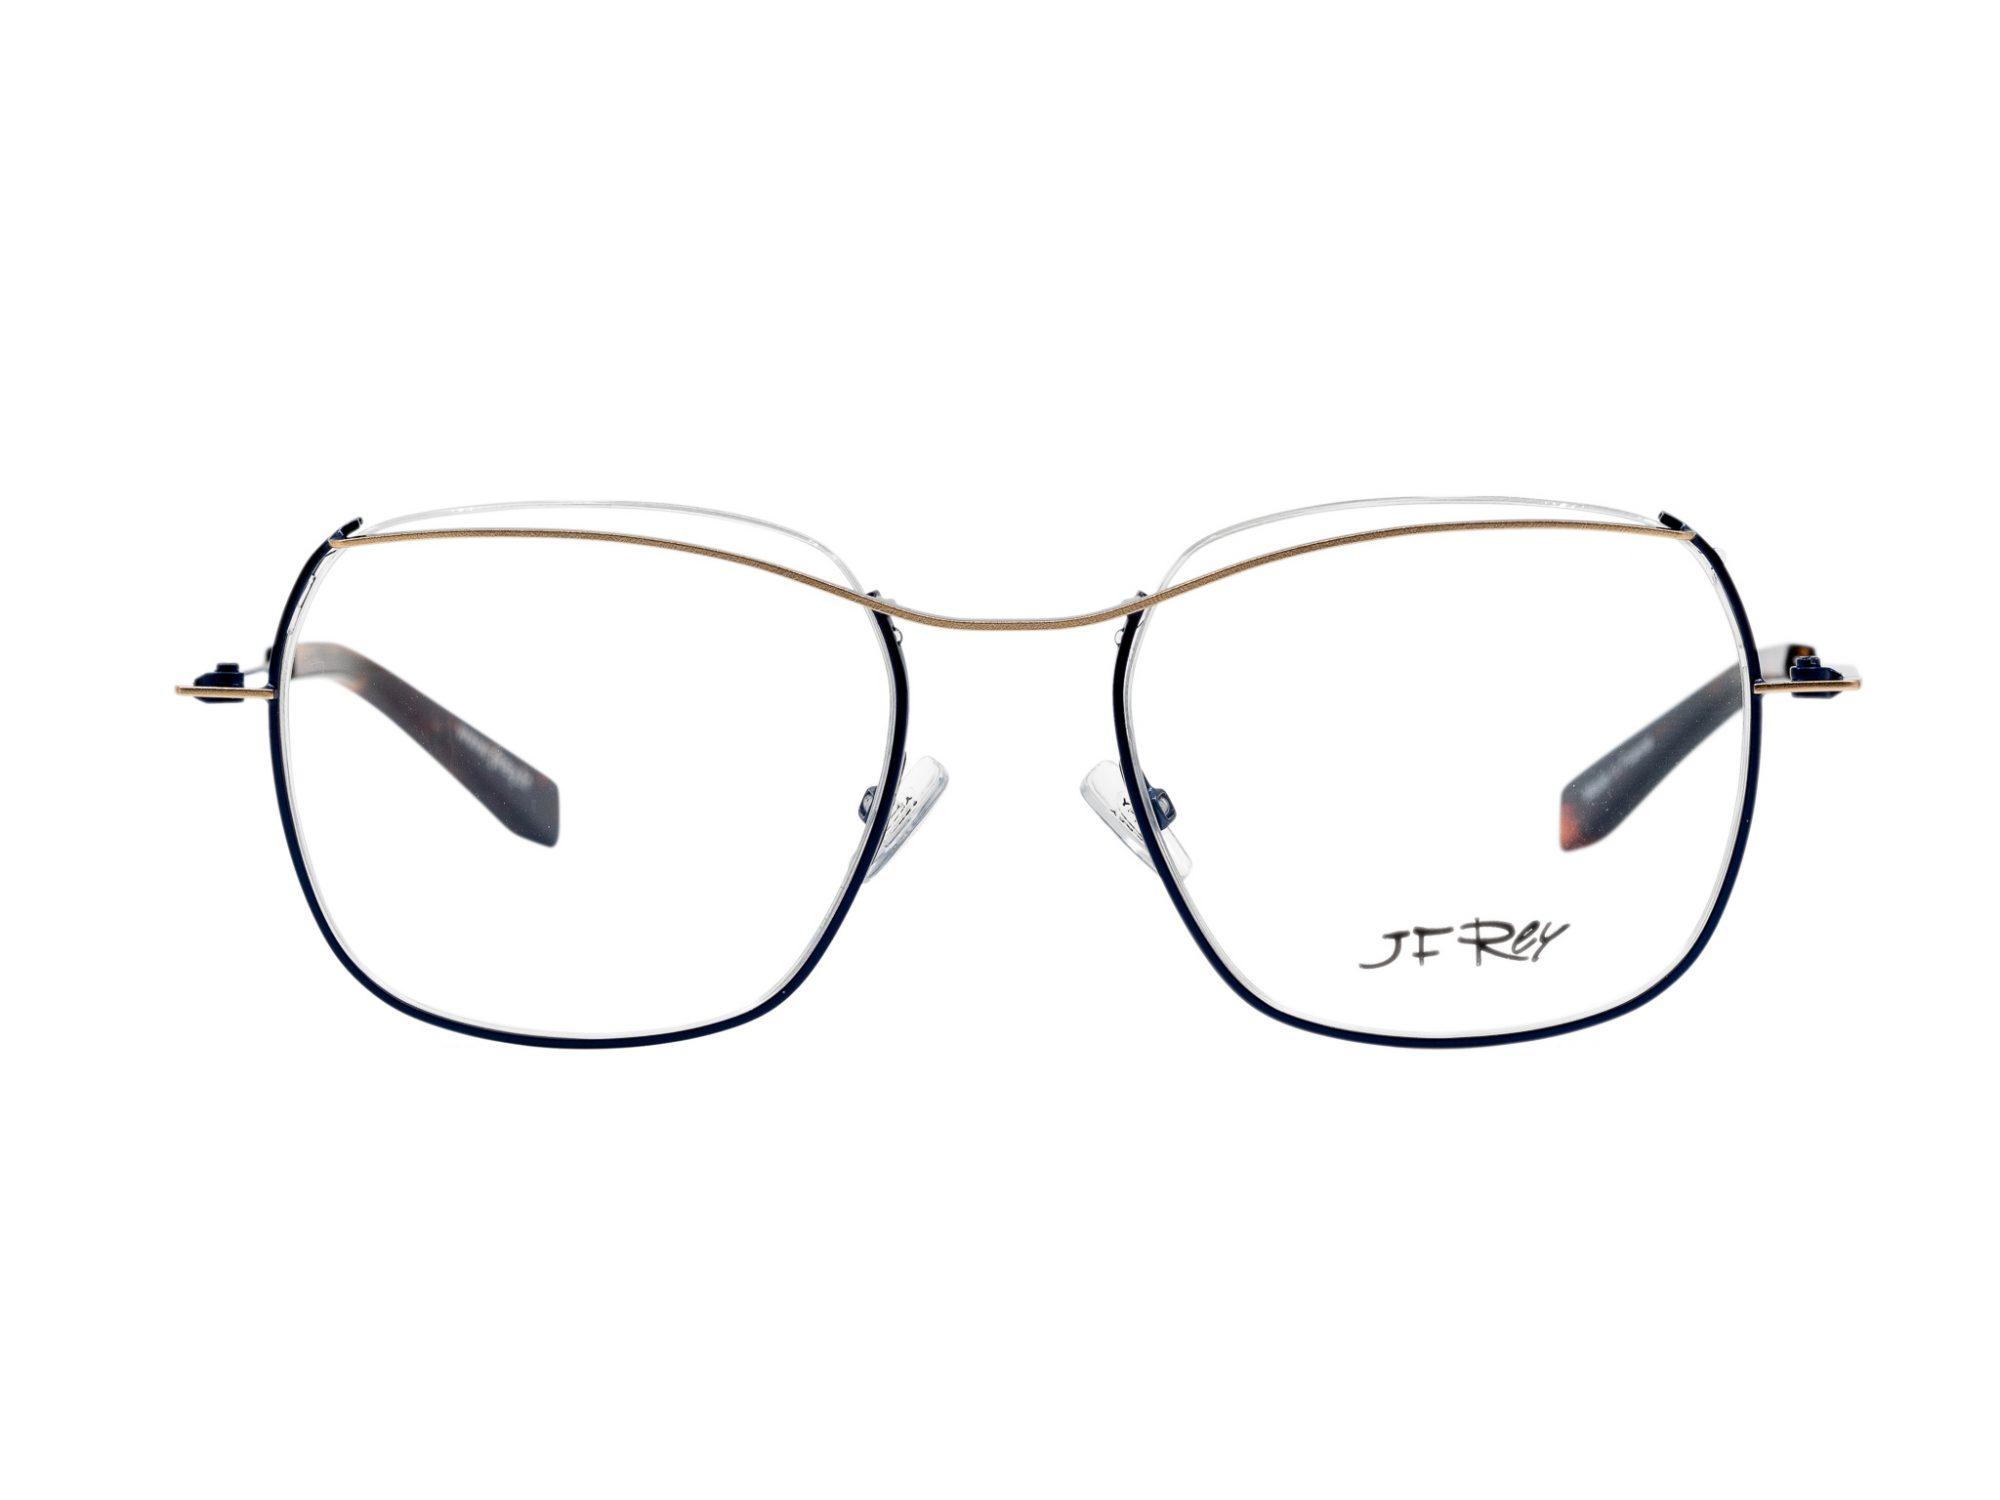 JF Rey JF2921 5520